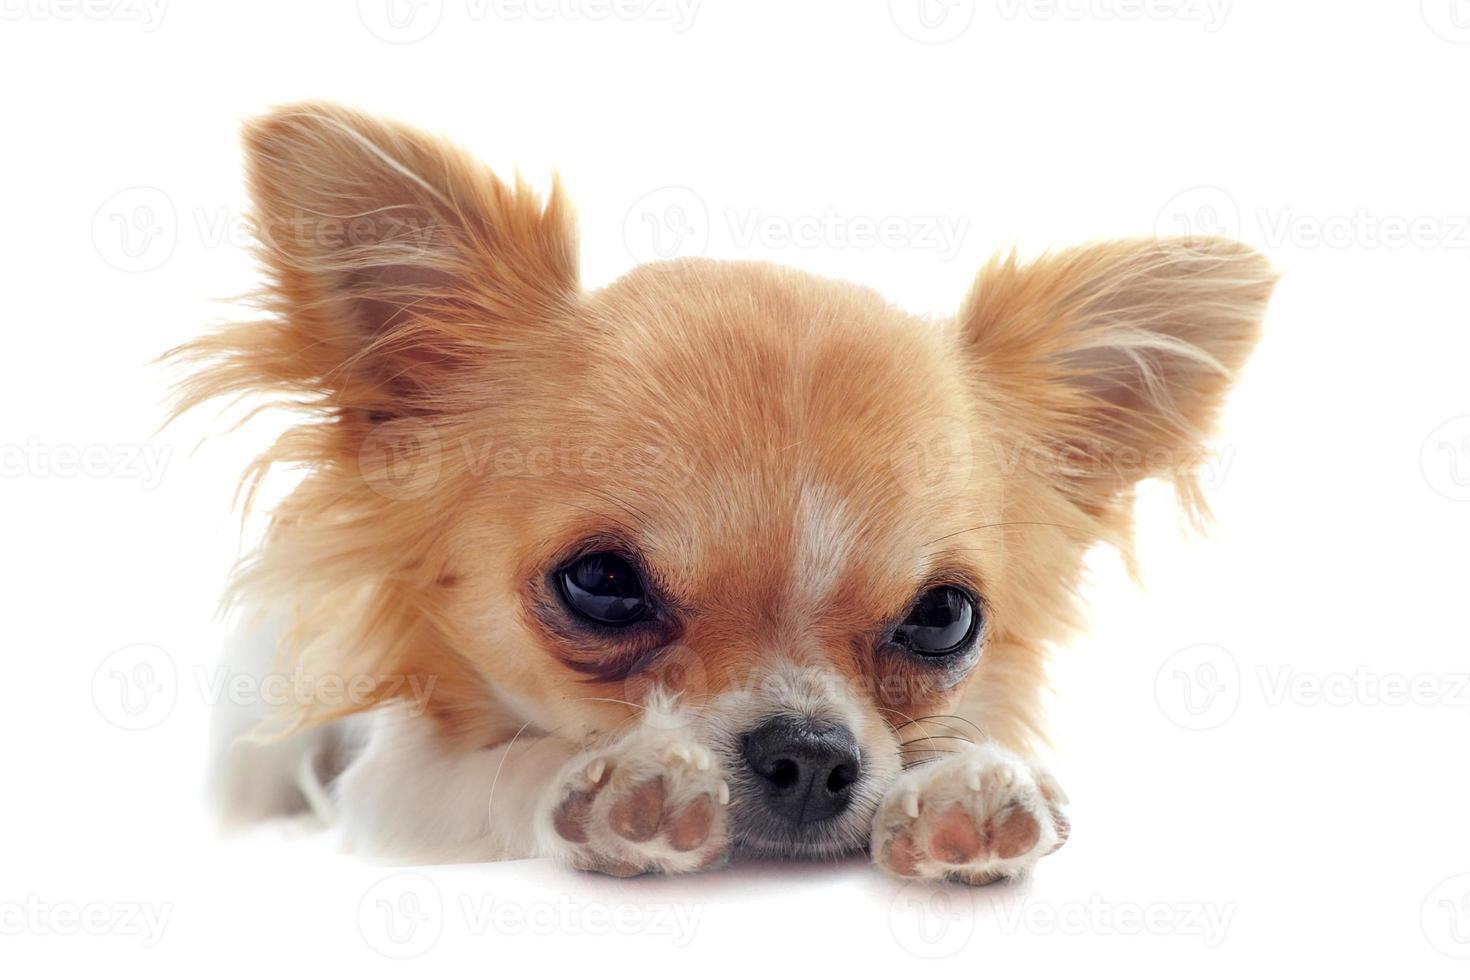 filhote de cachorro chihuahua cansado foto